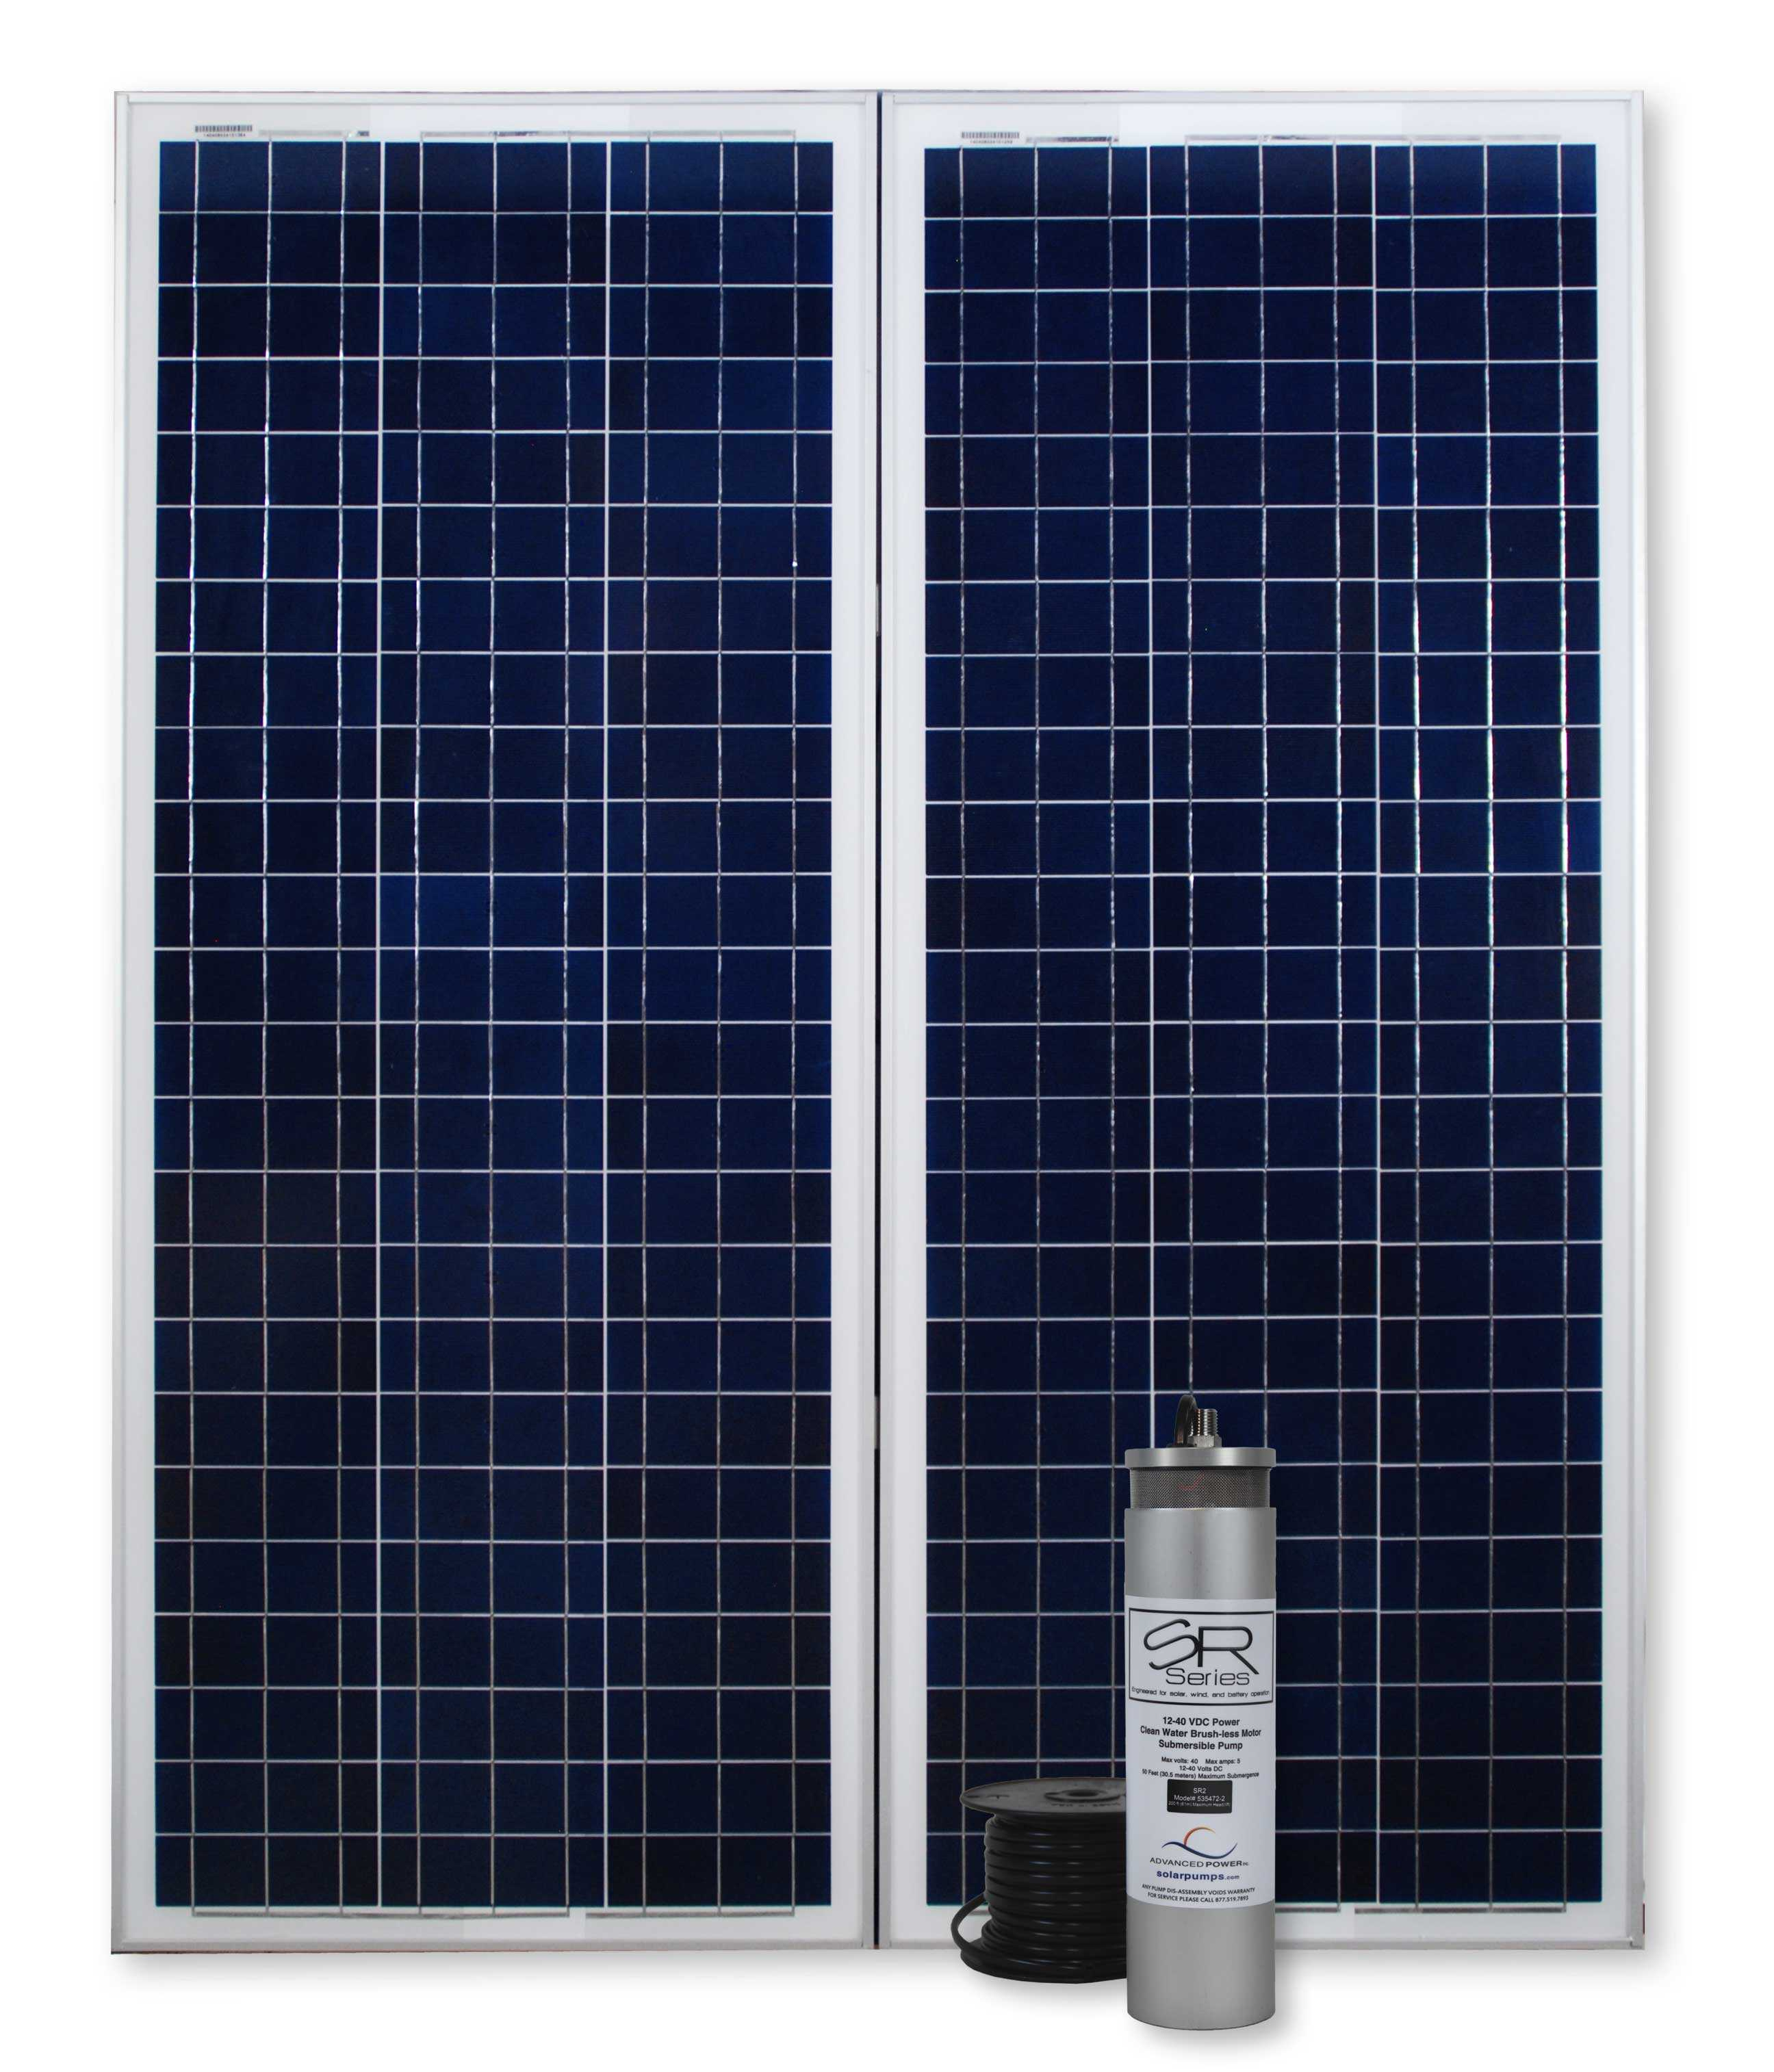 KS06 950 GPD